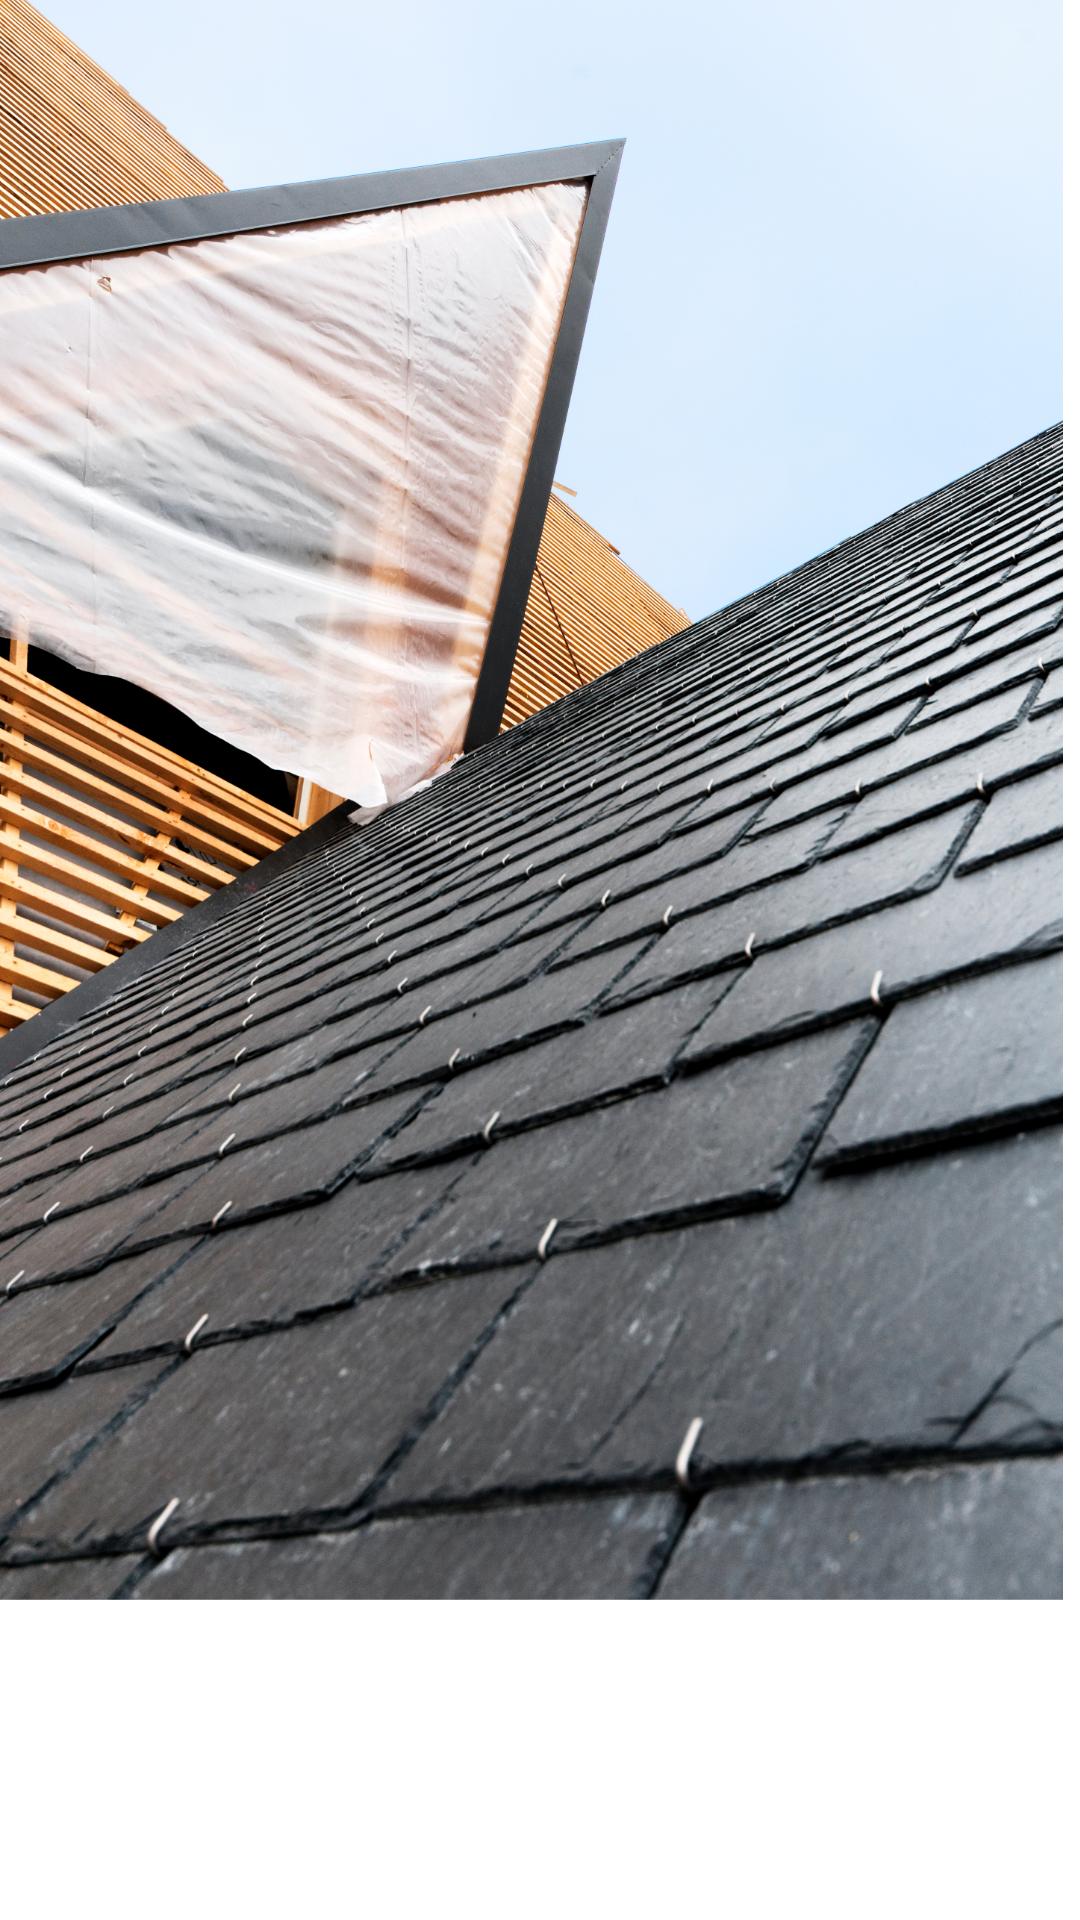 Slate roof with hooks